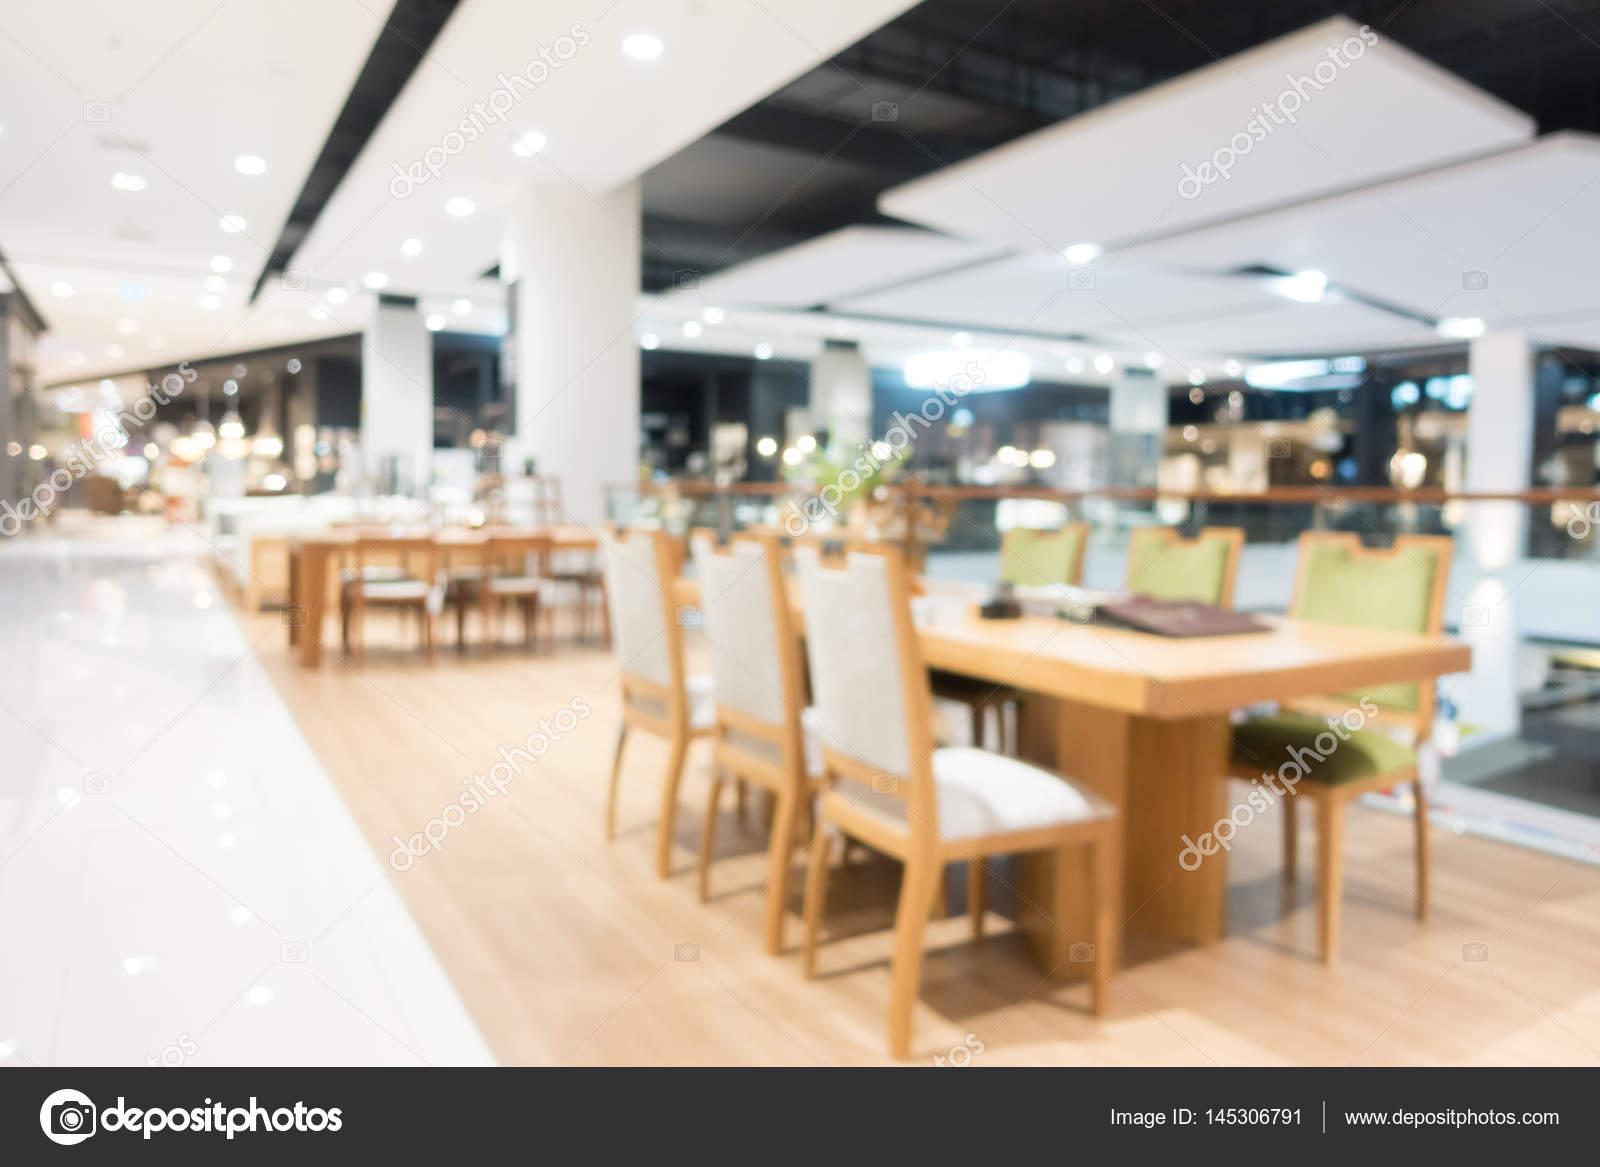 Resumen Blur Tienda De Muebles Y Tienda Interior Foto De Stock  # Muebles Para Food Court